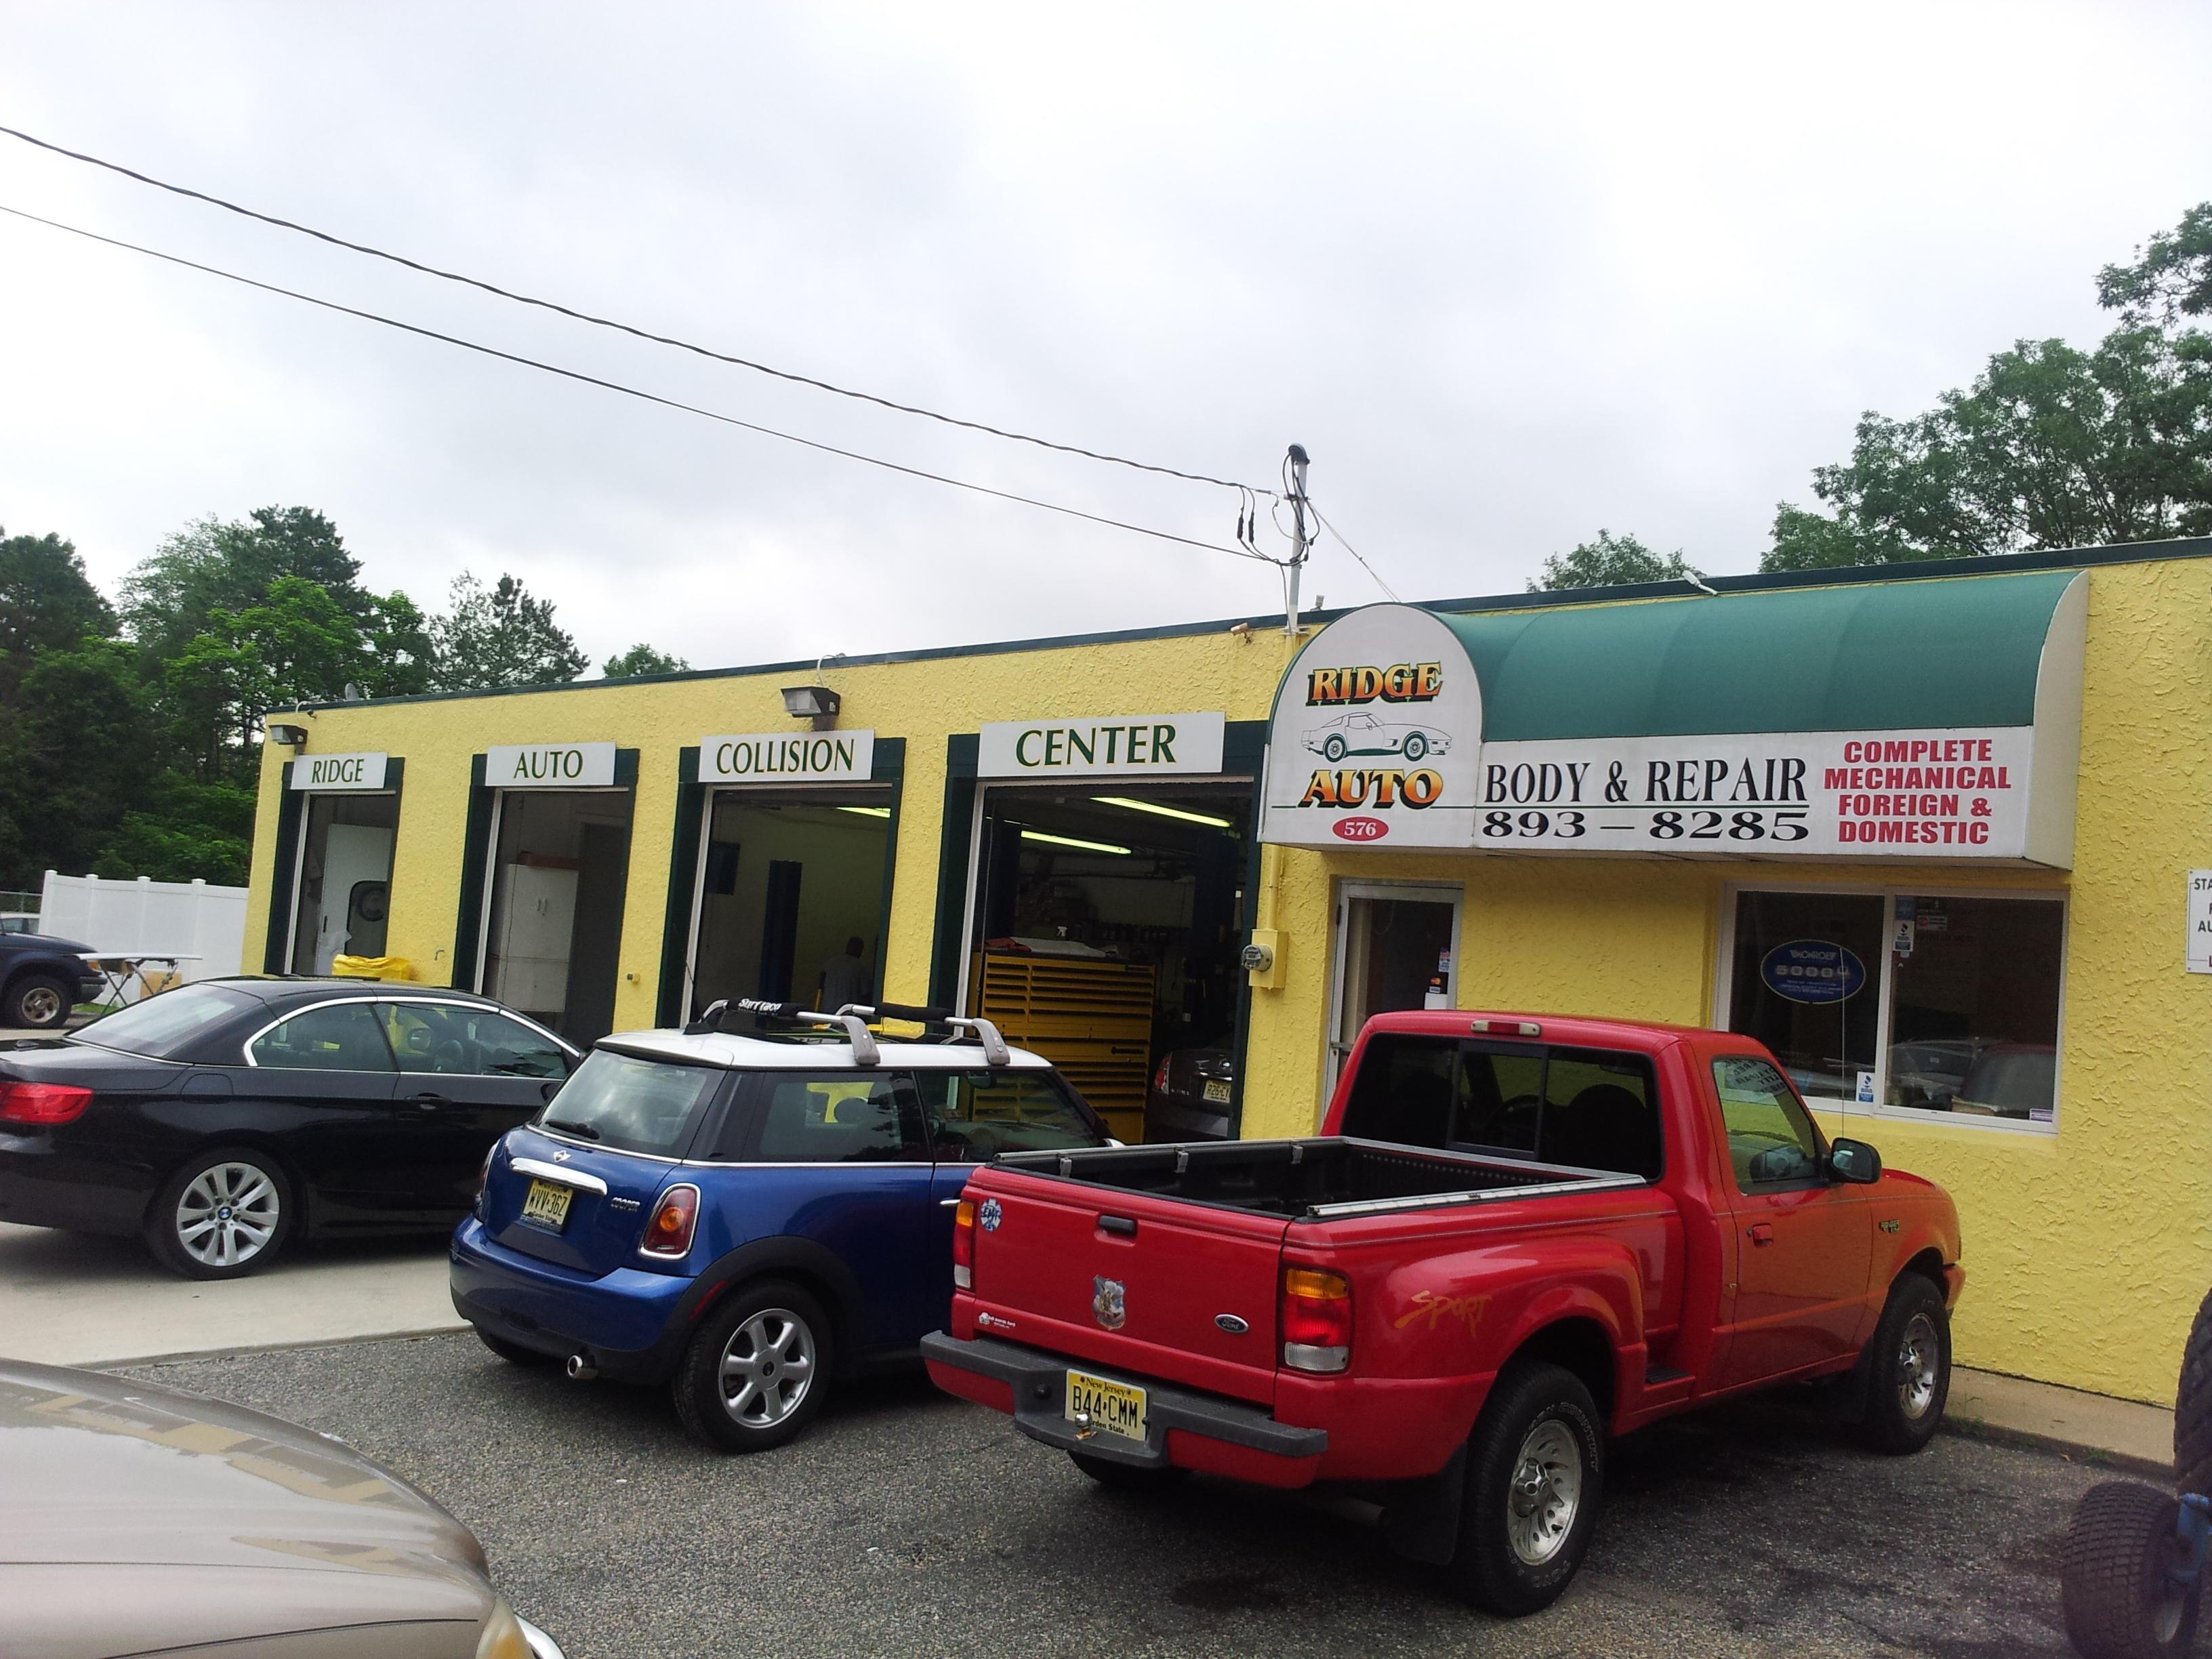 Ridge Auto Body & Repairs image 9